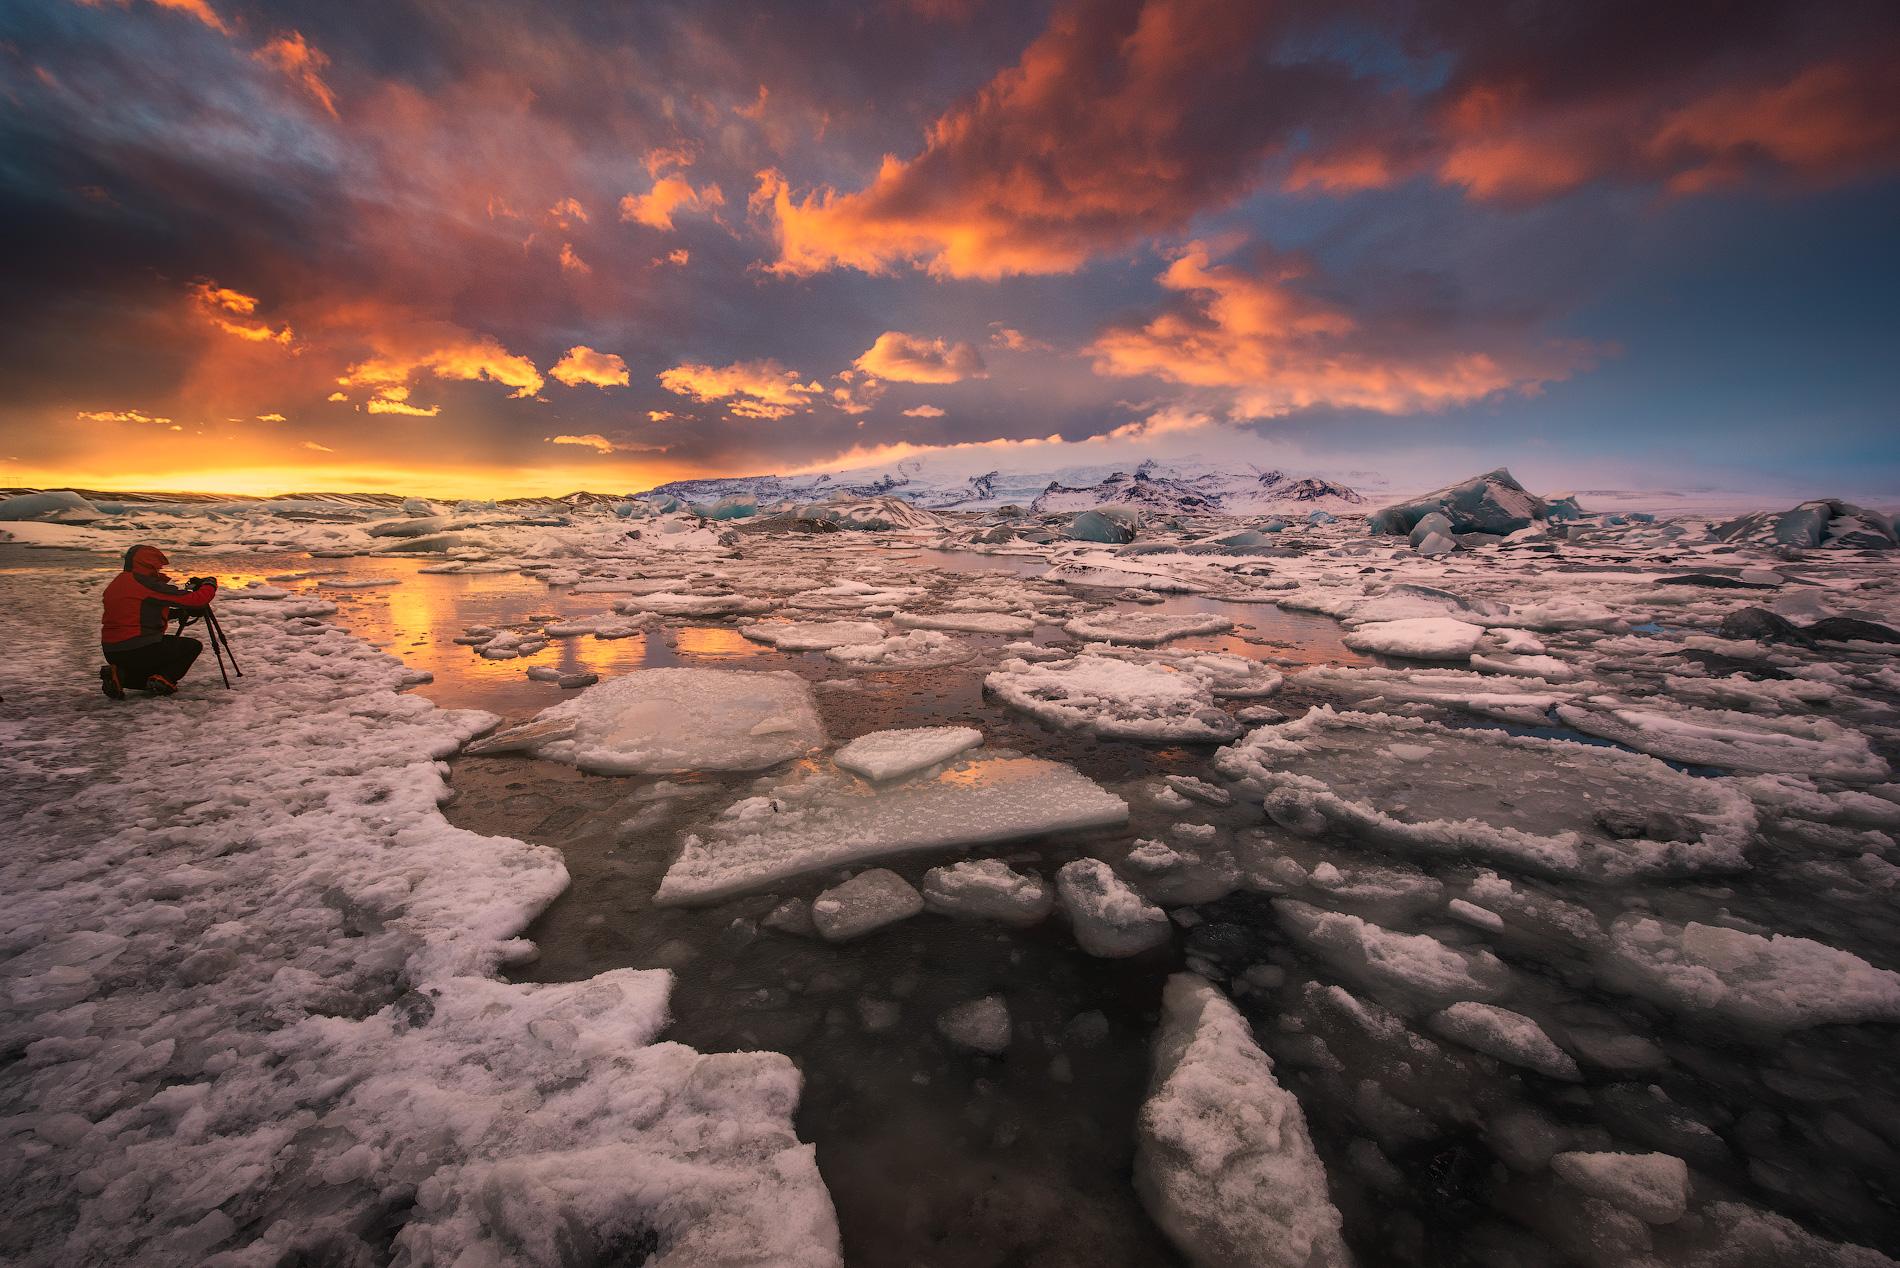 ทะเลสาบธารน้ำแข็งโจกุลซาลอนเป็นหนึ่งในสถานที่ที่สวยที่สุดจากทั้งหมดของประเทศไอซ์แลนด์.